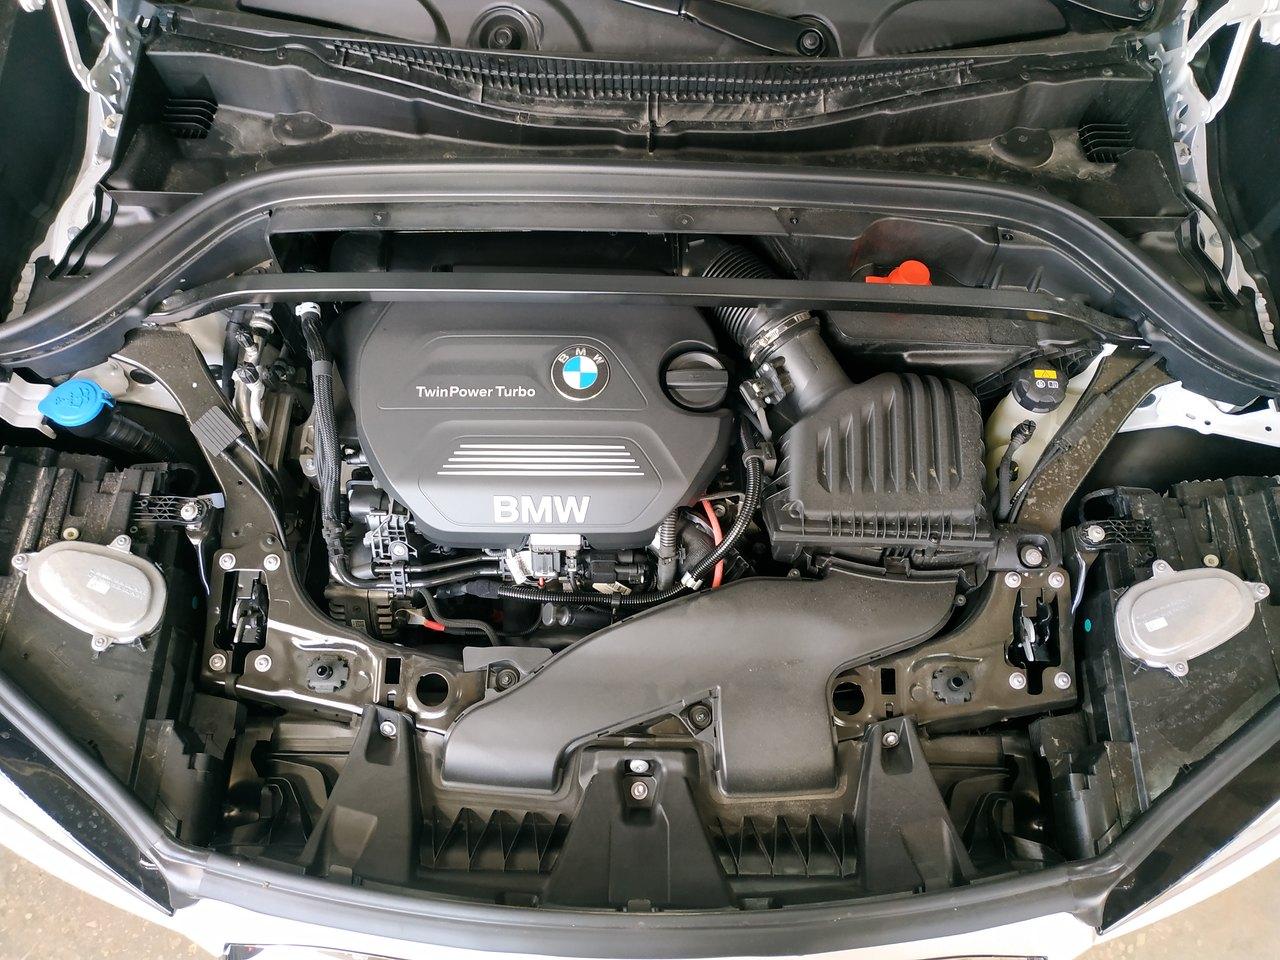 Двигатель B47, чип тюнинг с 150 л.с. до 190 л.с.